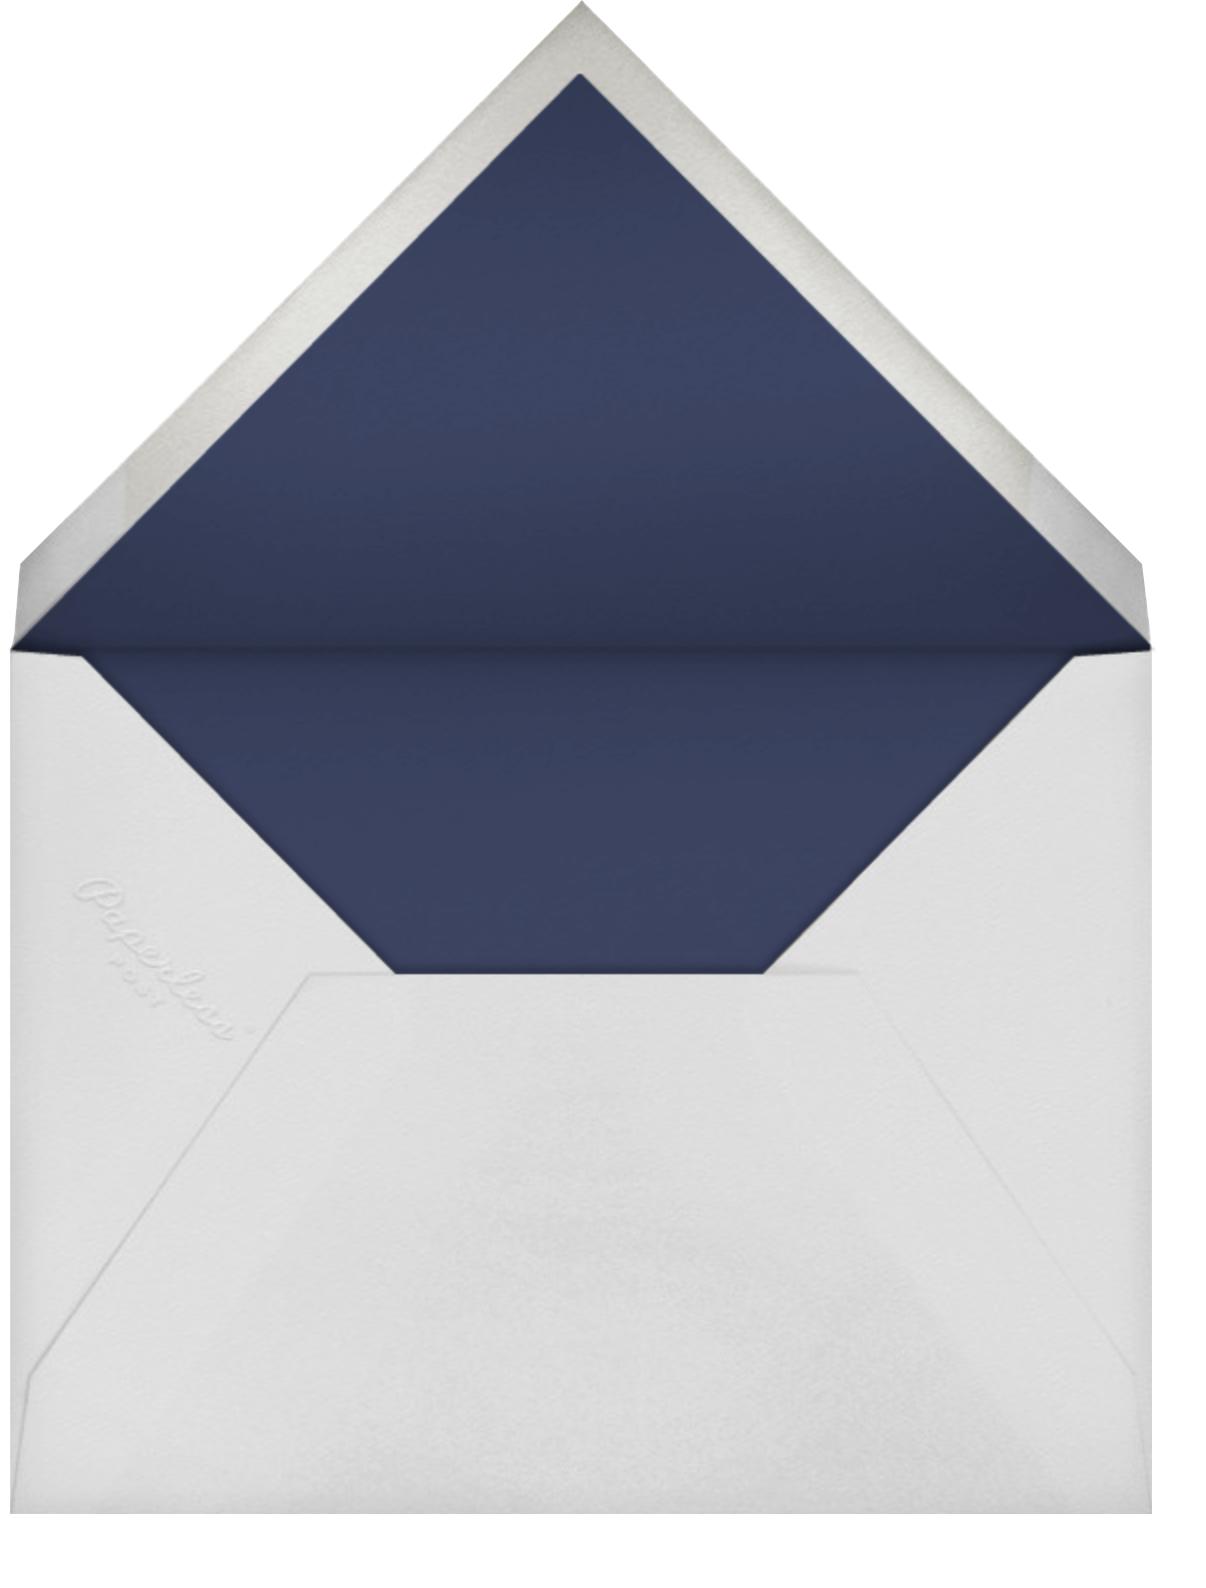 Amboise (Thank You) - Navy - Crane & Co. - Personalized stationery - envelope back